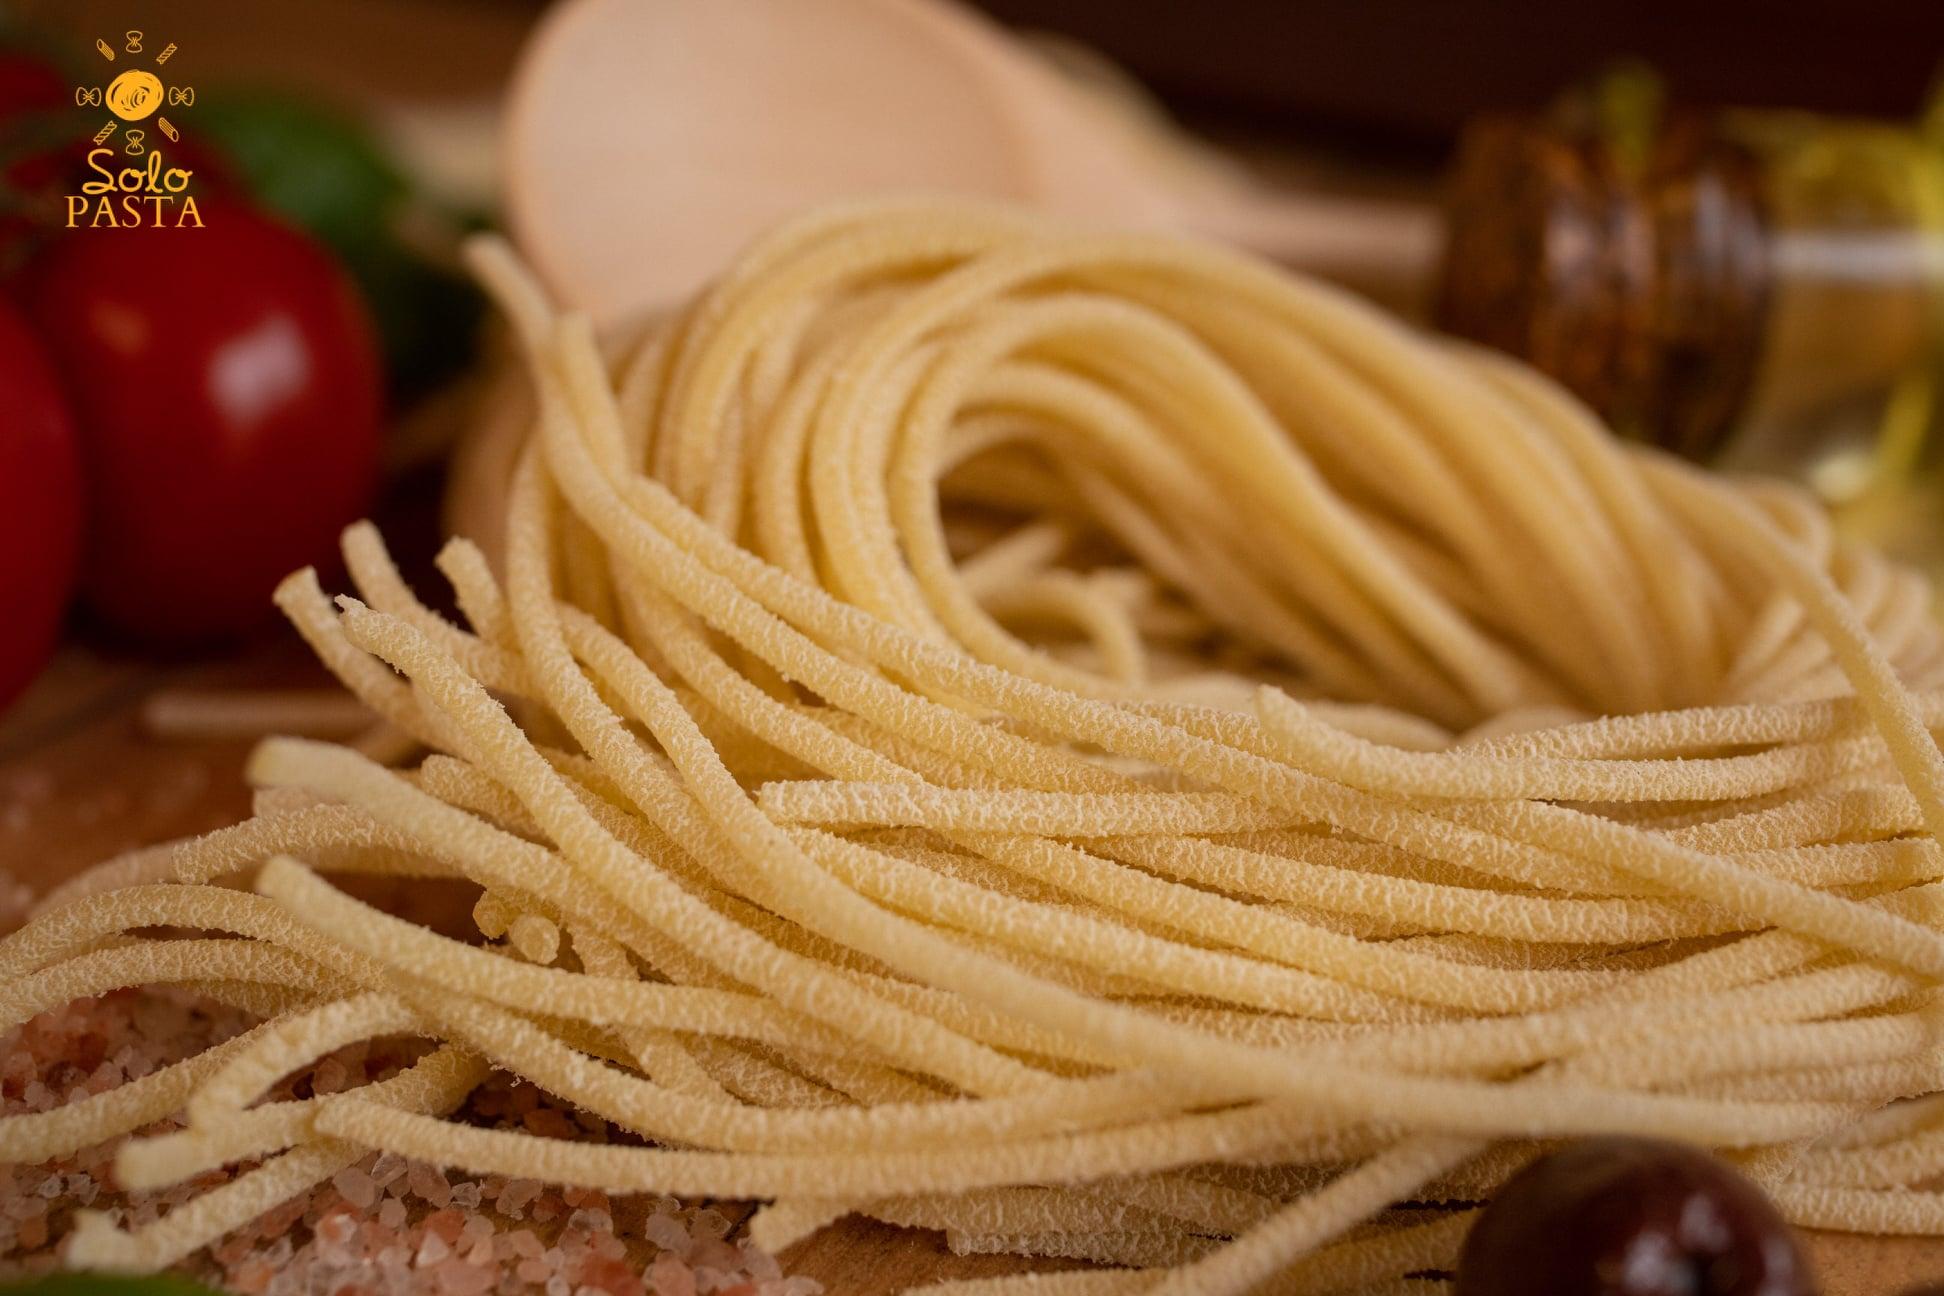 Solopasta Spaghetti